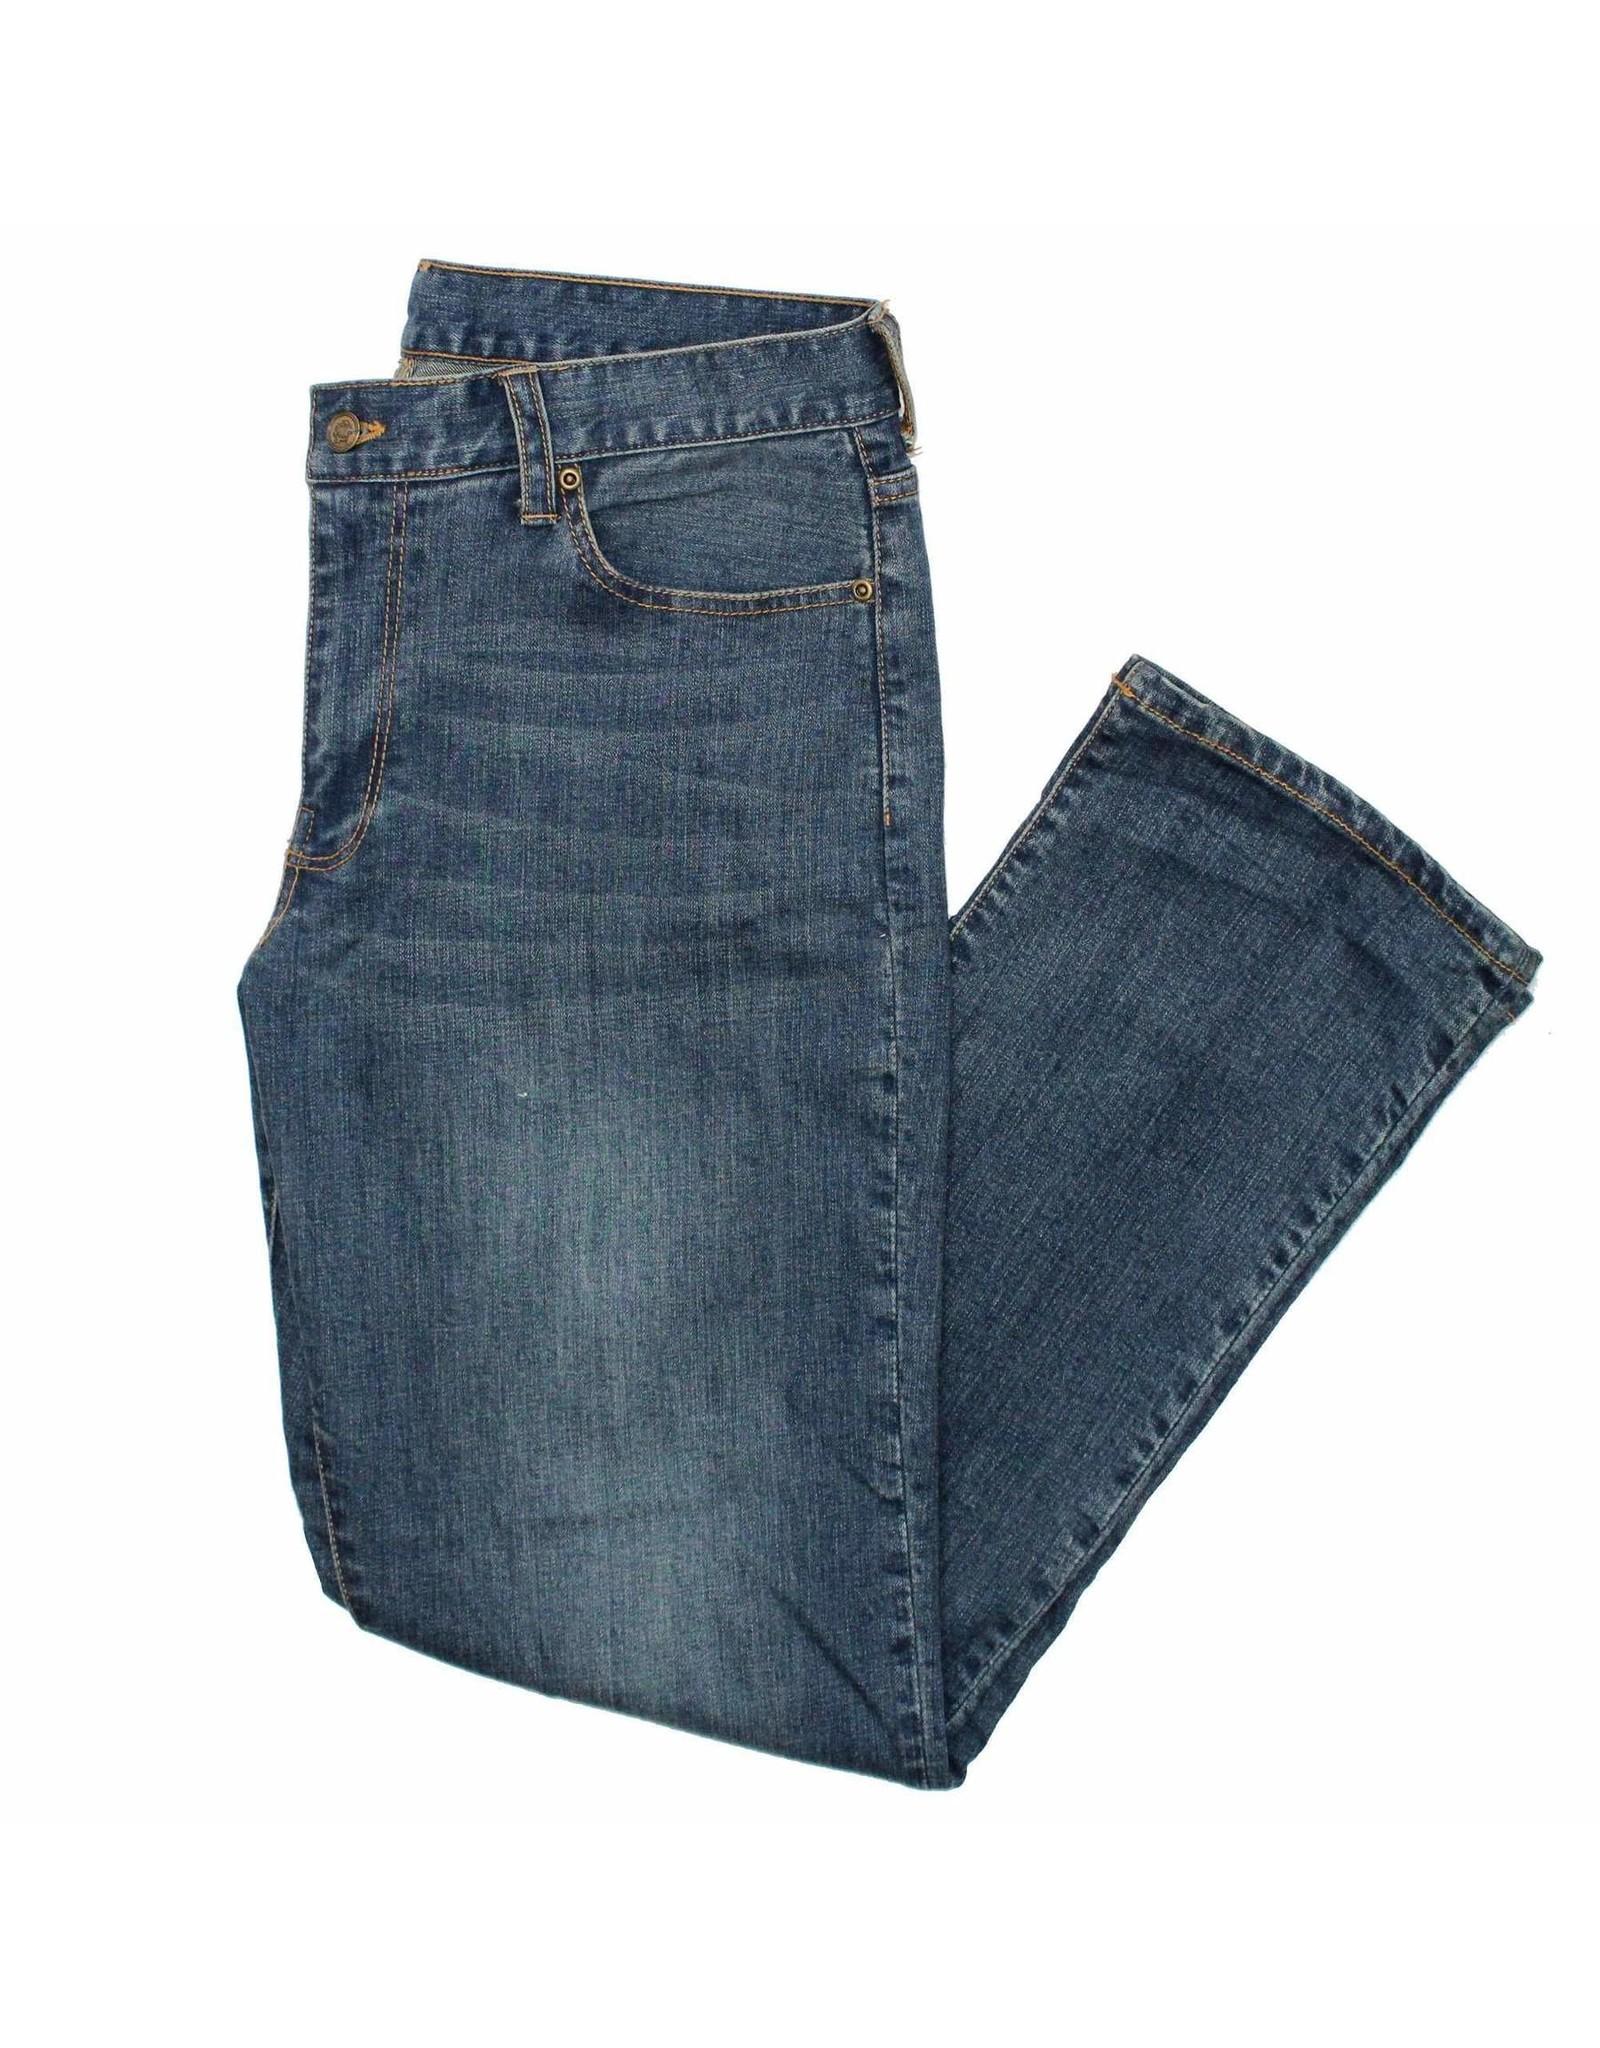 Southern Proper Southern Proper Oxford Jean